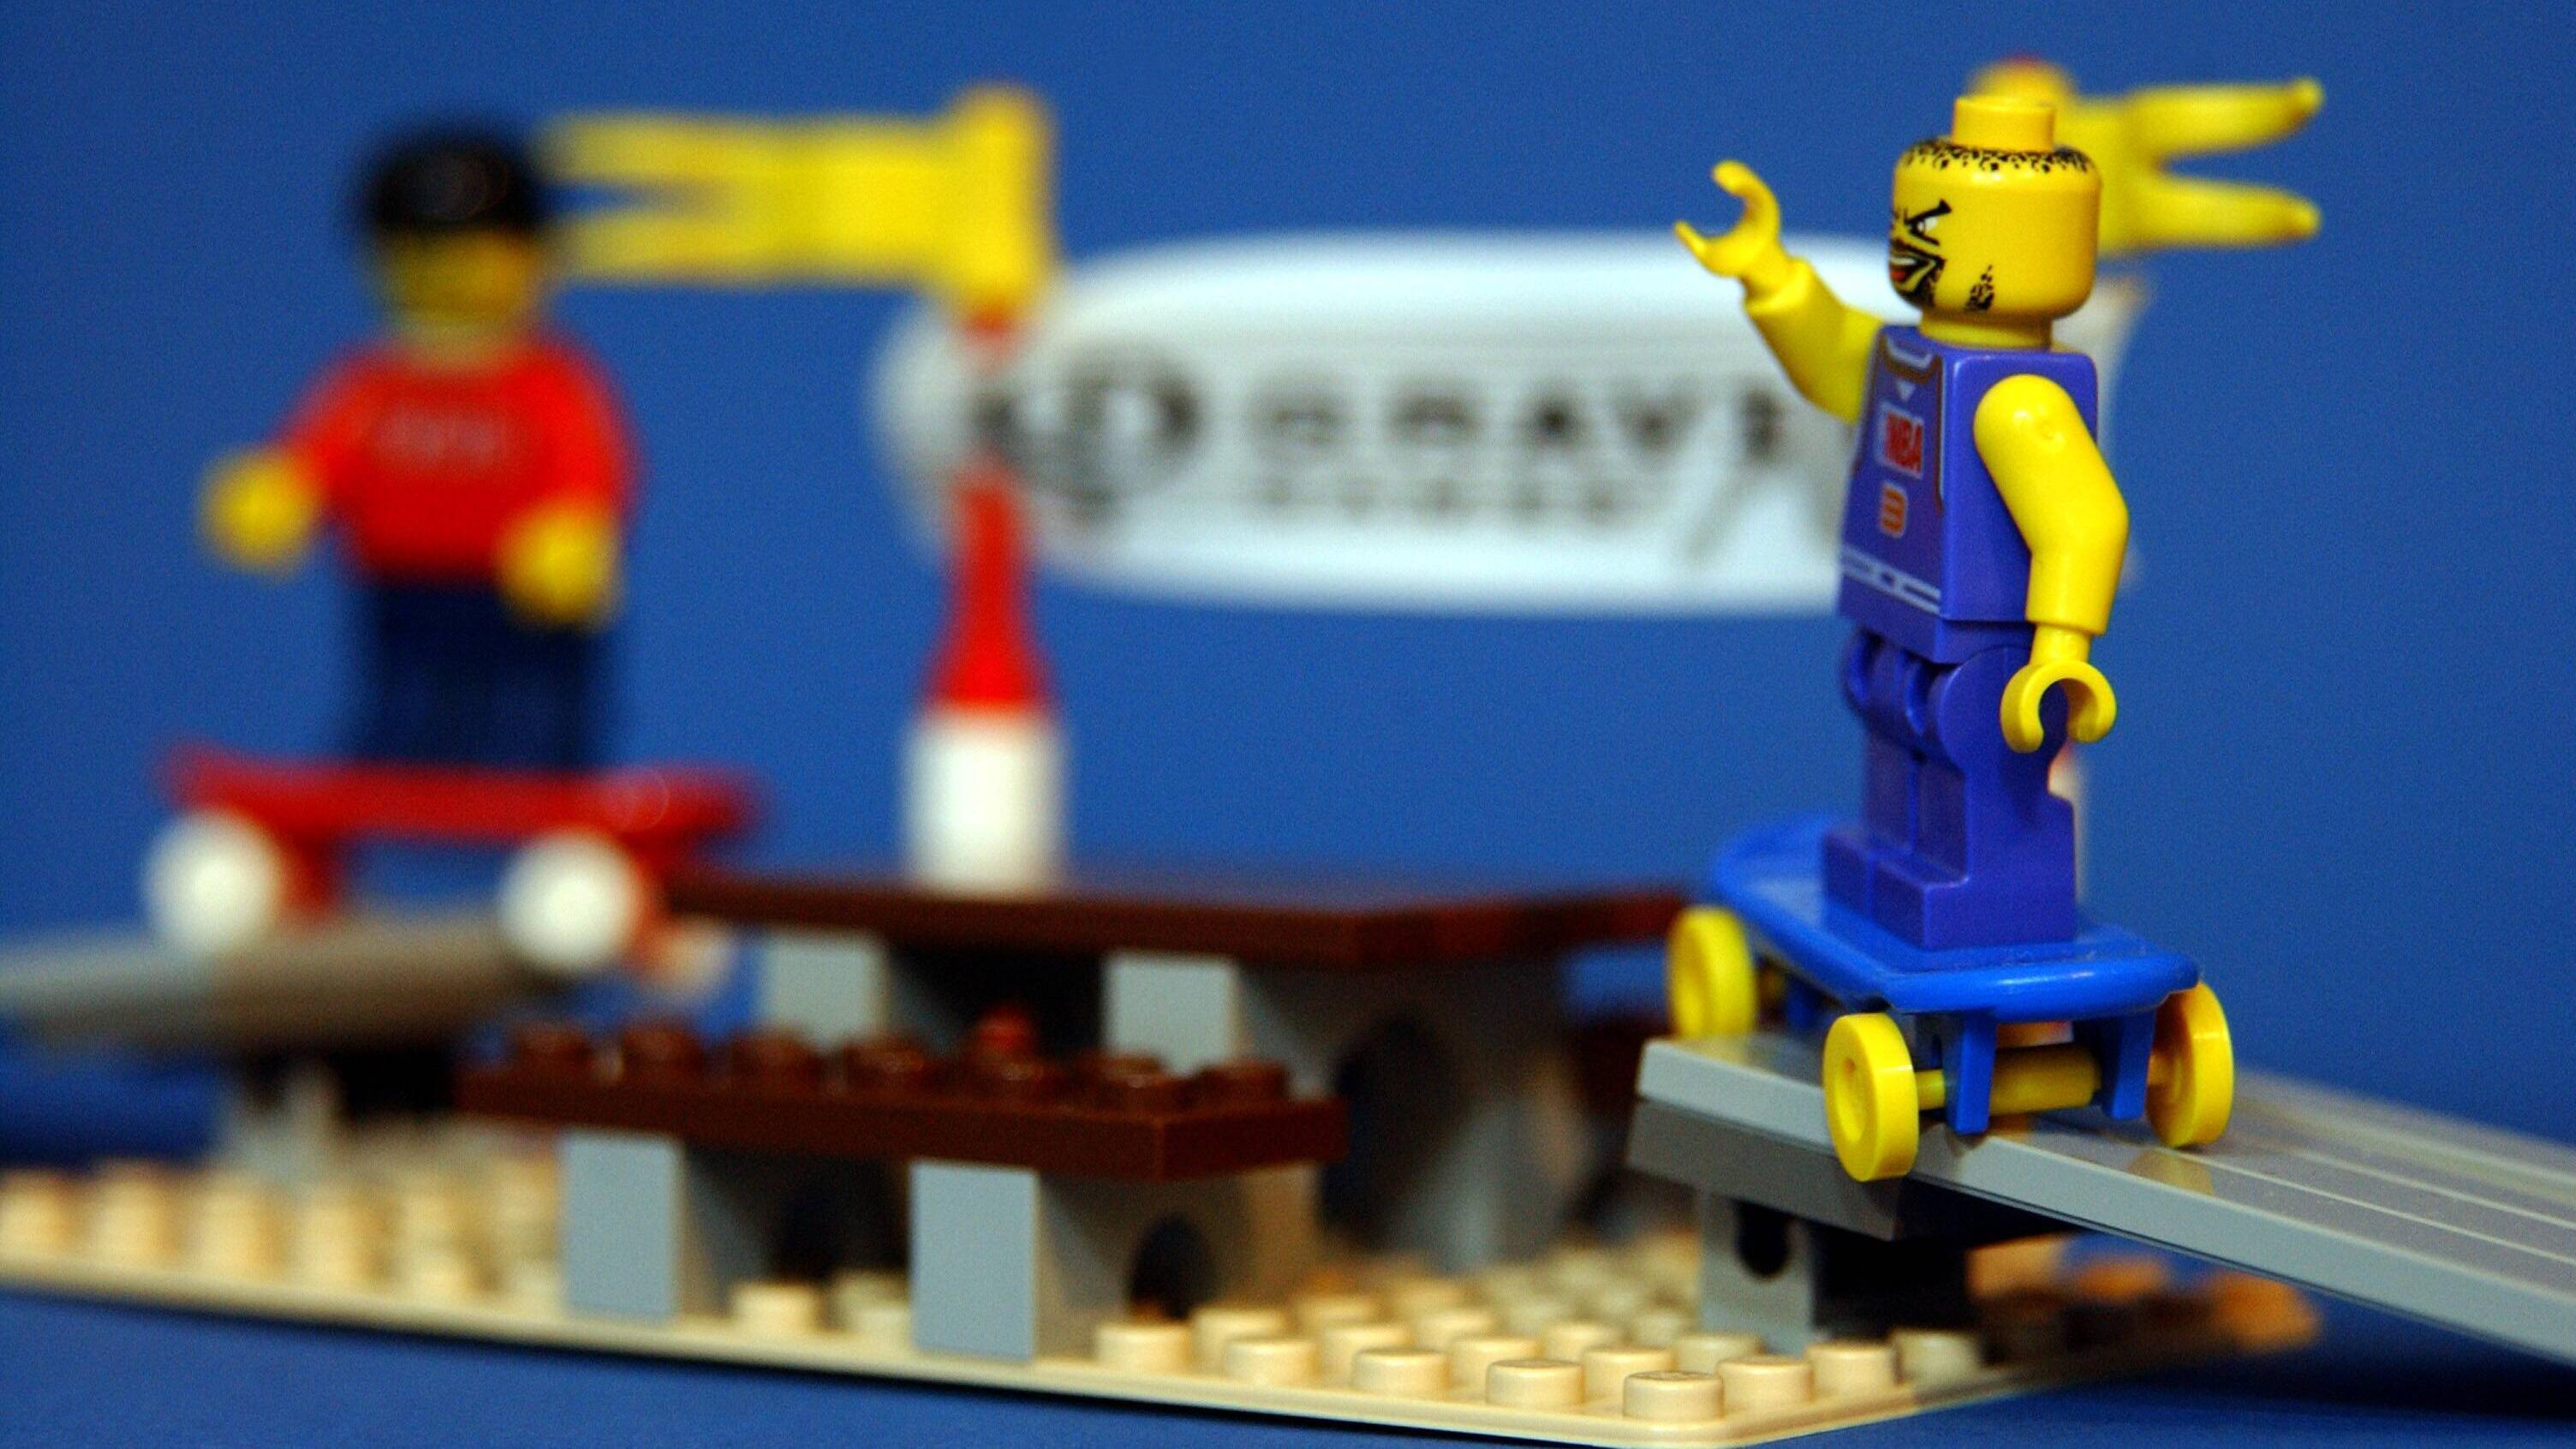 Playmobil oder Lego: Ein Vergleich der Spielzeug-Klassiker